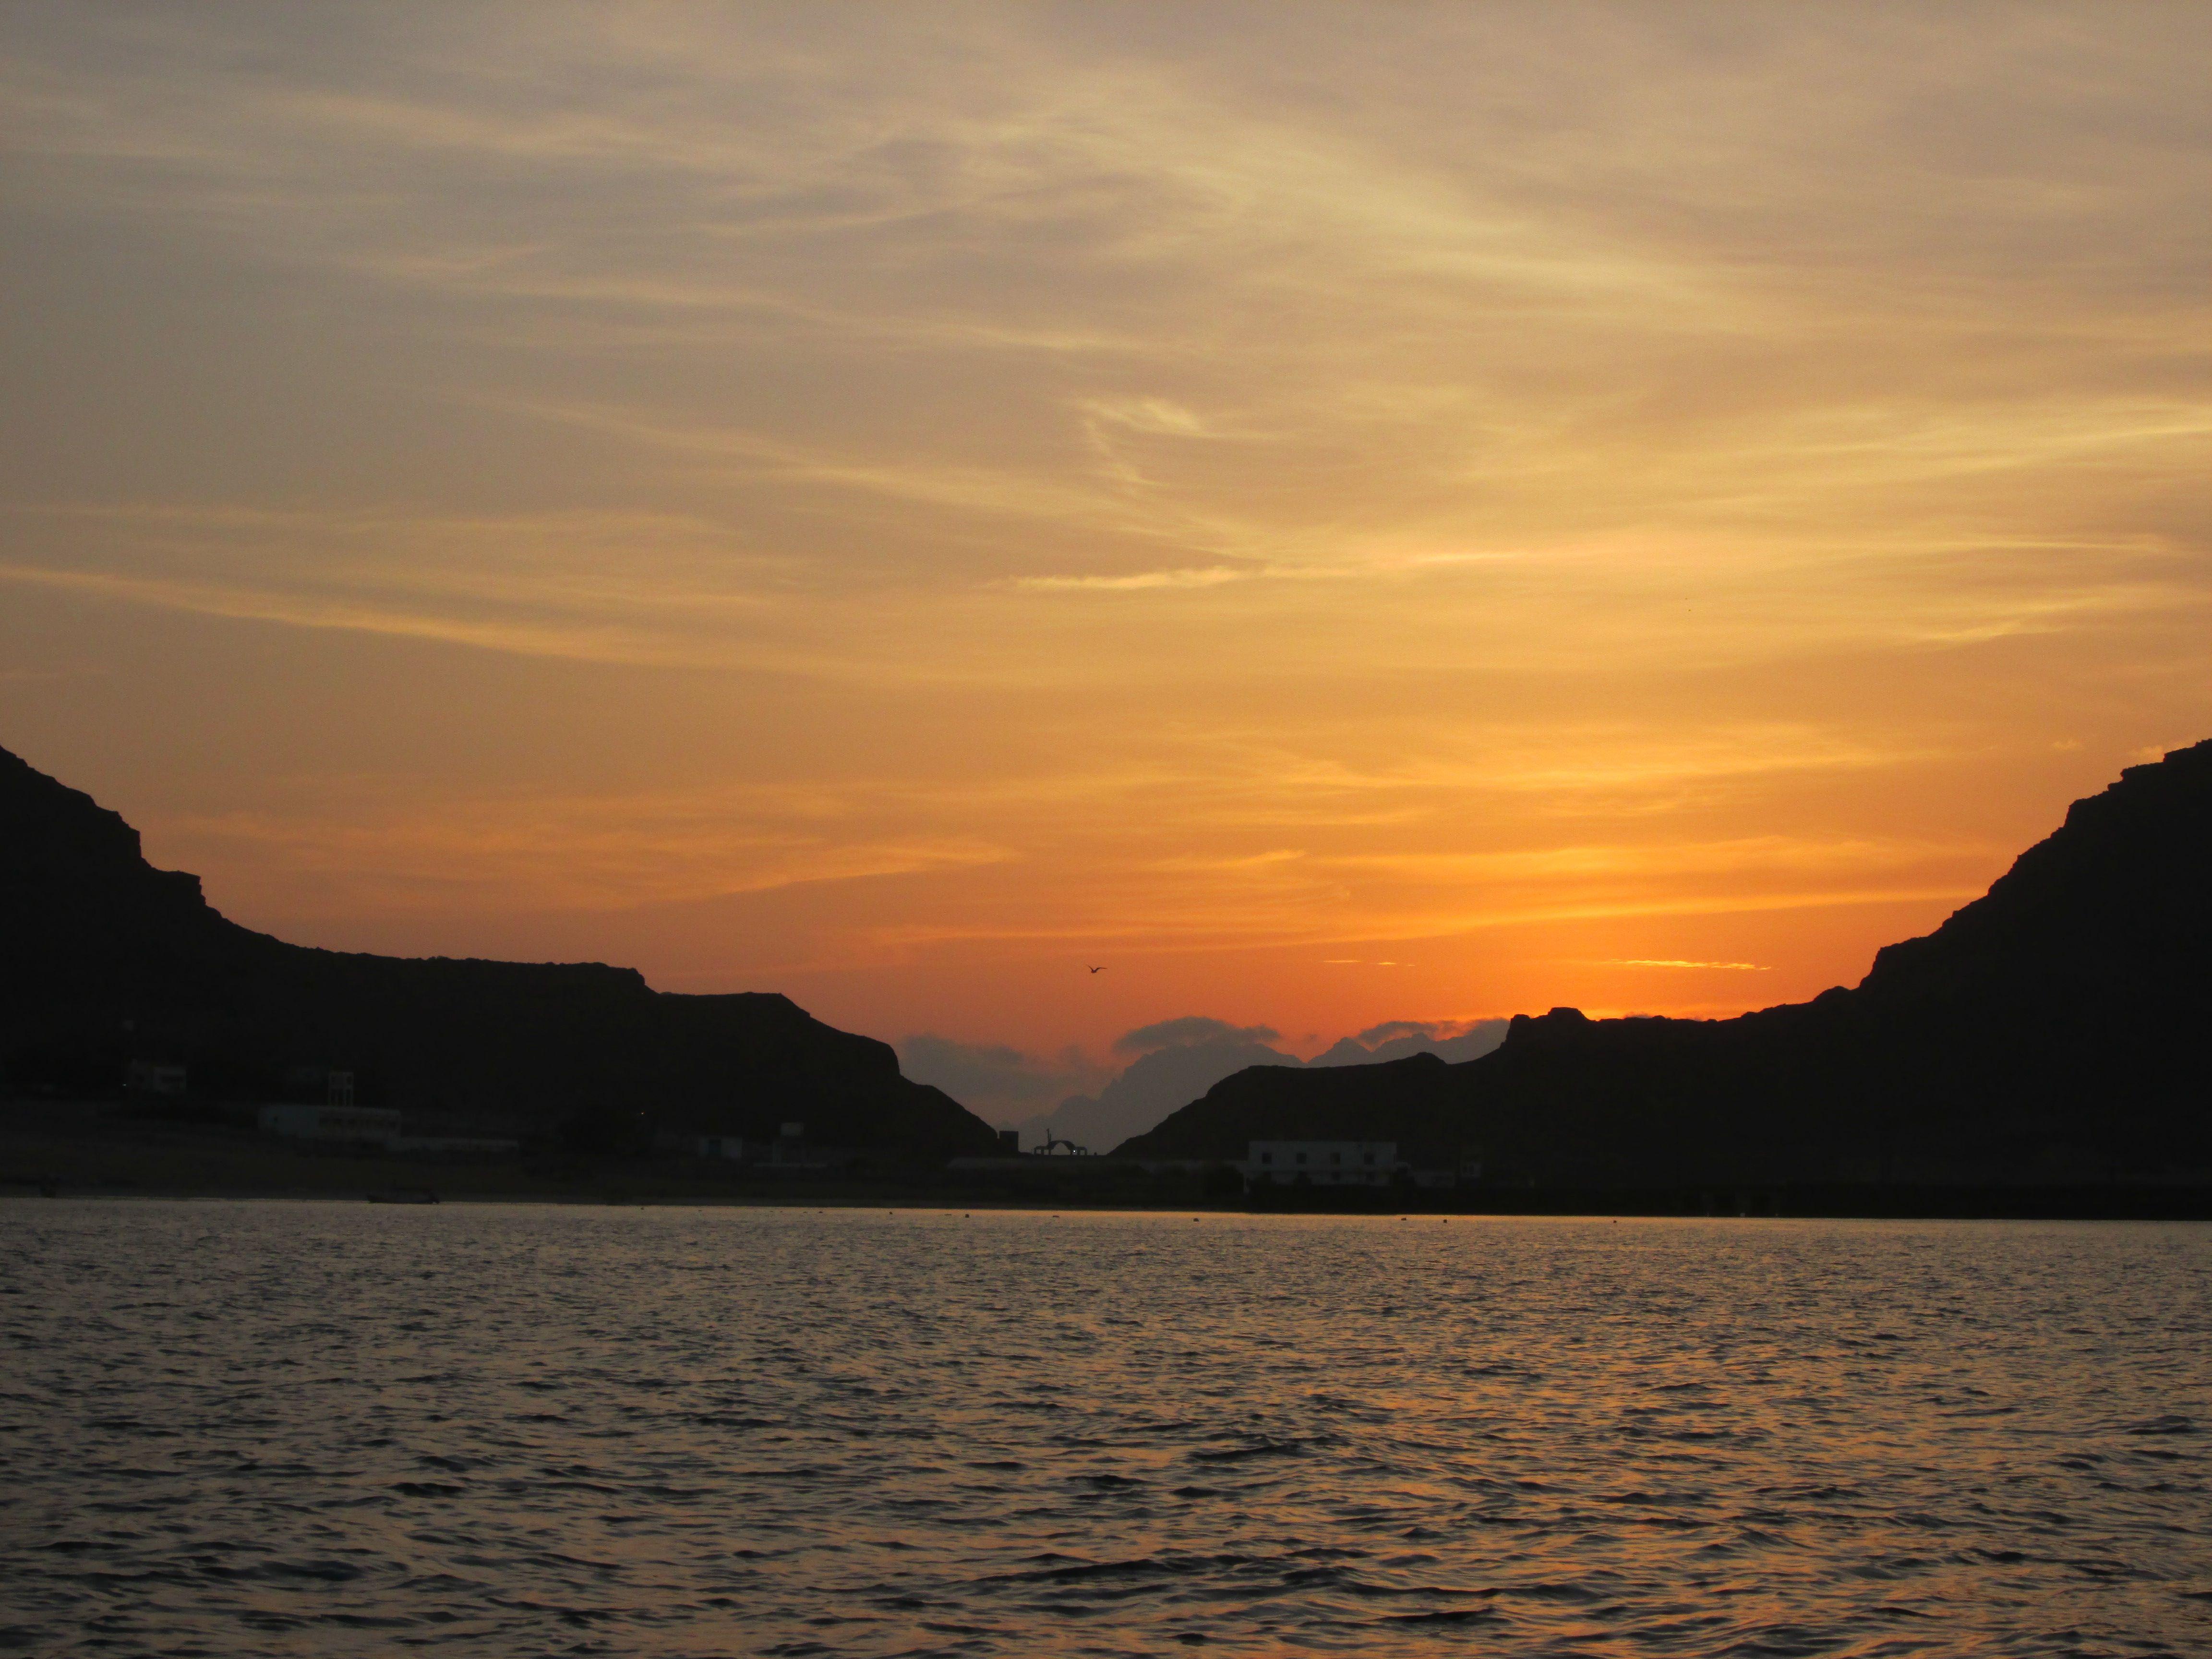 شروق شمس لميلاد يوم جديد من شاطى الغدير عدن اليمن Celestial Sunset Outdoor